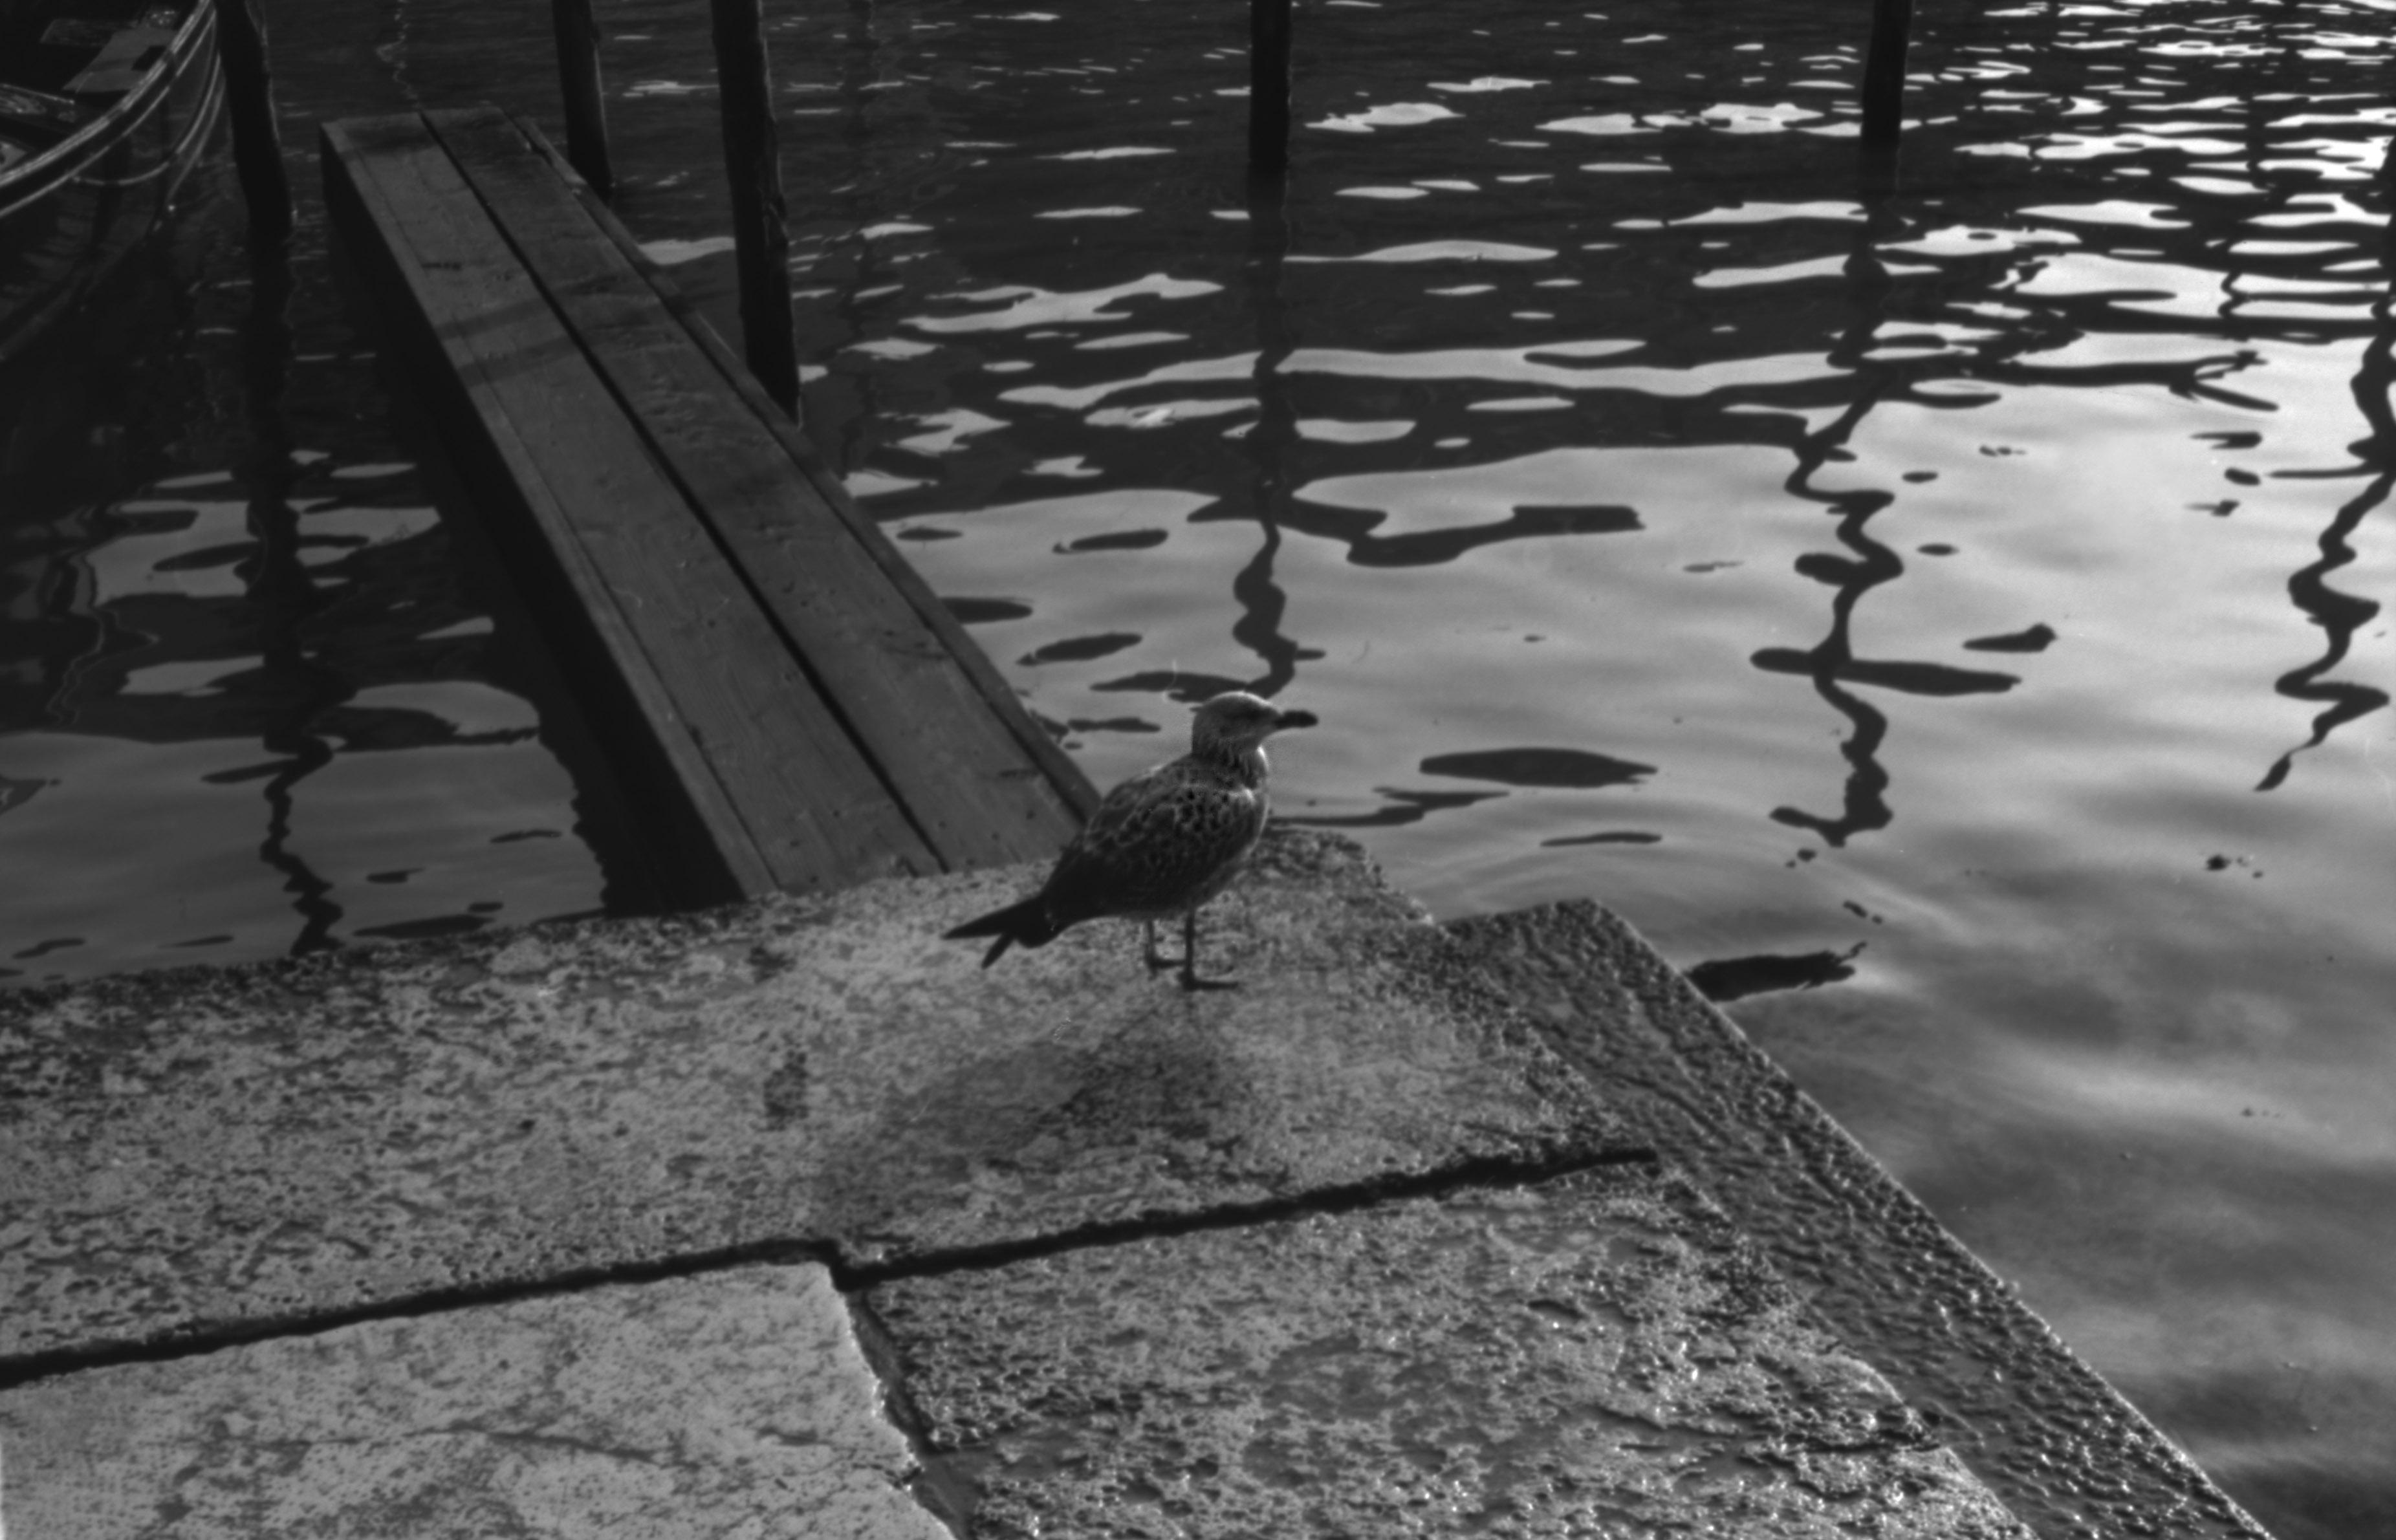 Venecia_35mm_72